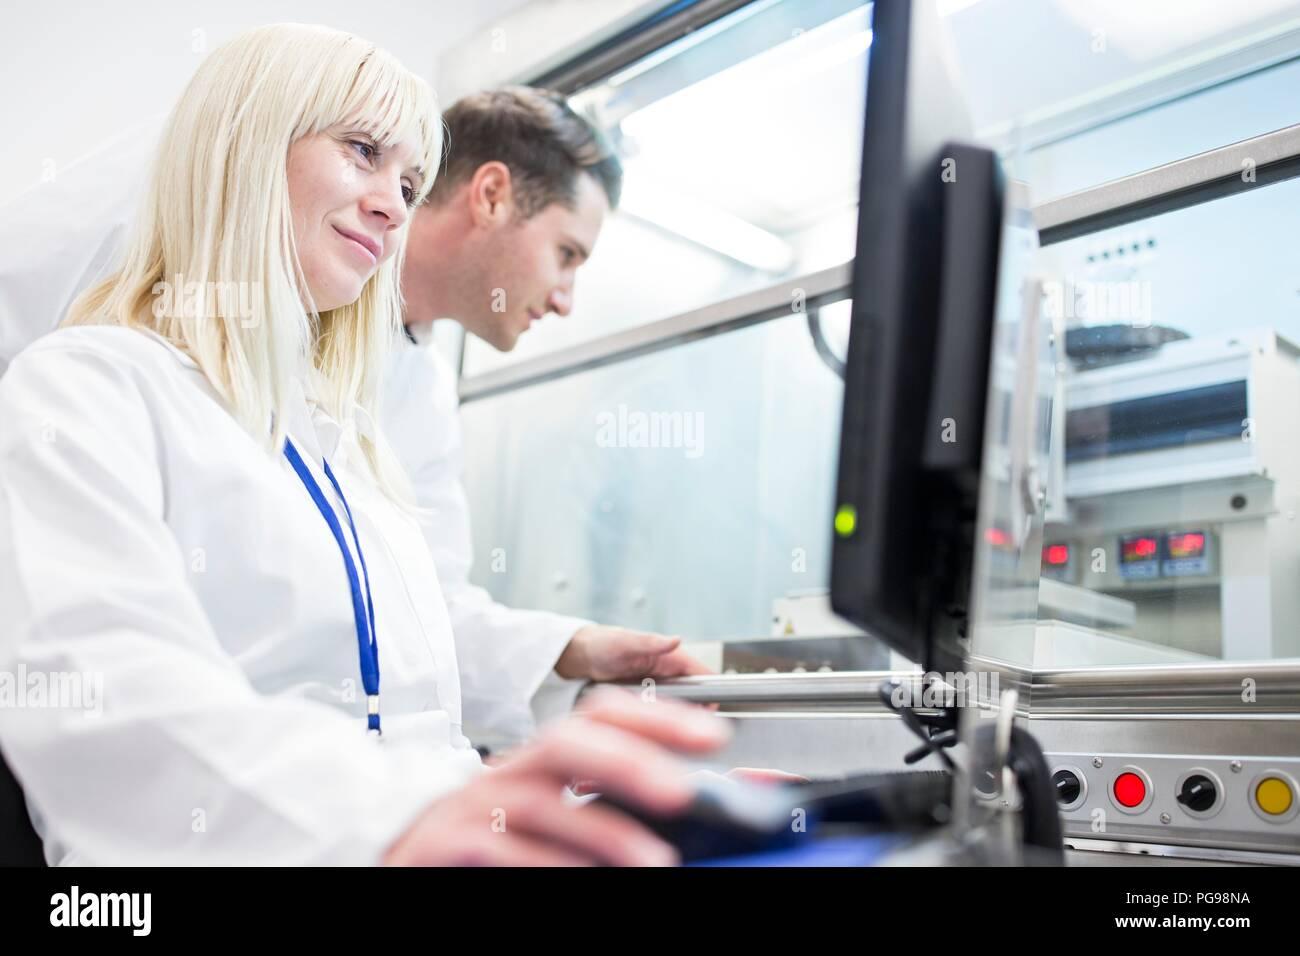 Les scientifiques à l'aide d'une imprimante biologique 3D. La machine peut utiliser une variété de biomatériau pour imprimer des structures tissulaires. Photo Stock